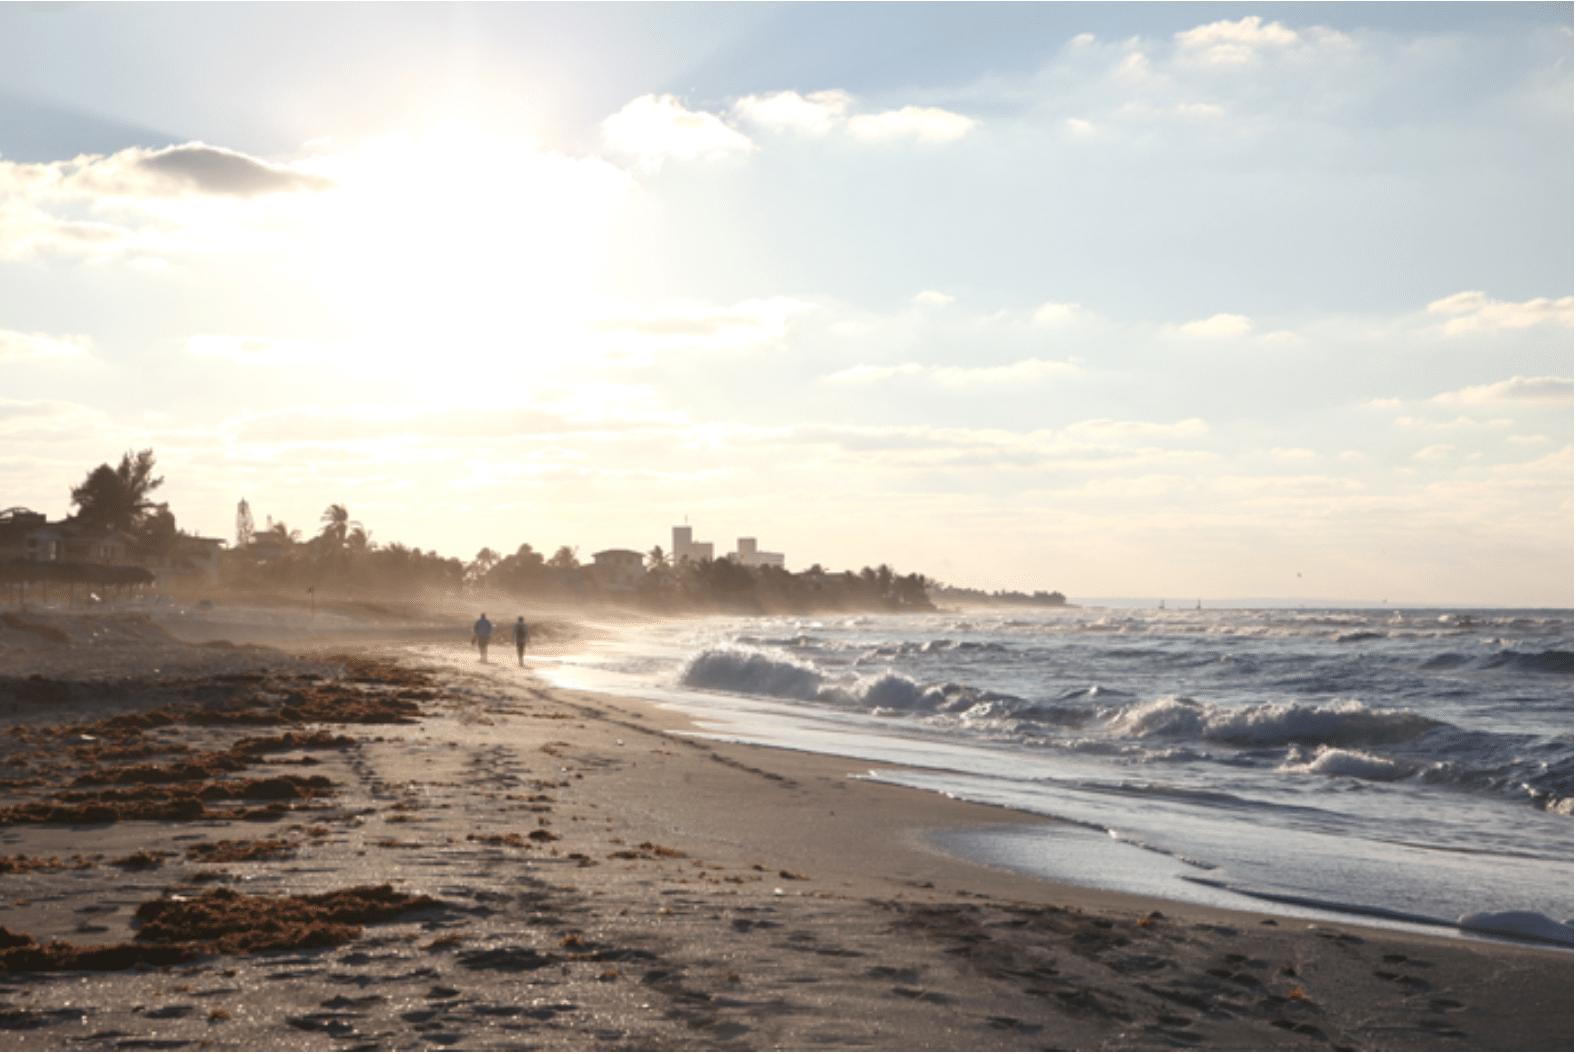 Kuba: Spaziergänge an wilden Stränden bei Sonnenuntergang